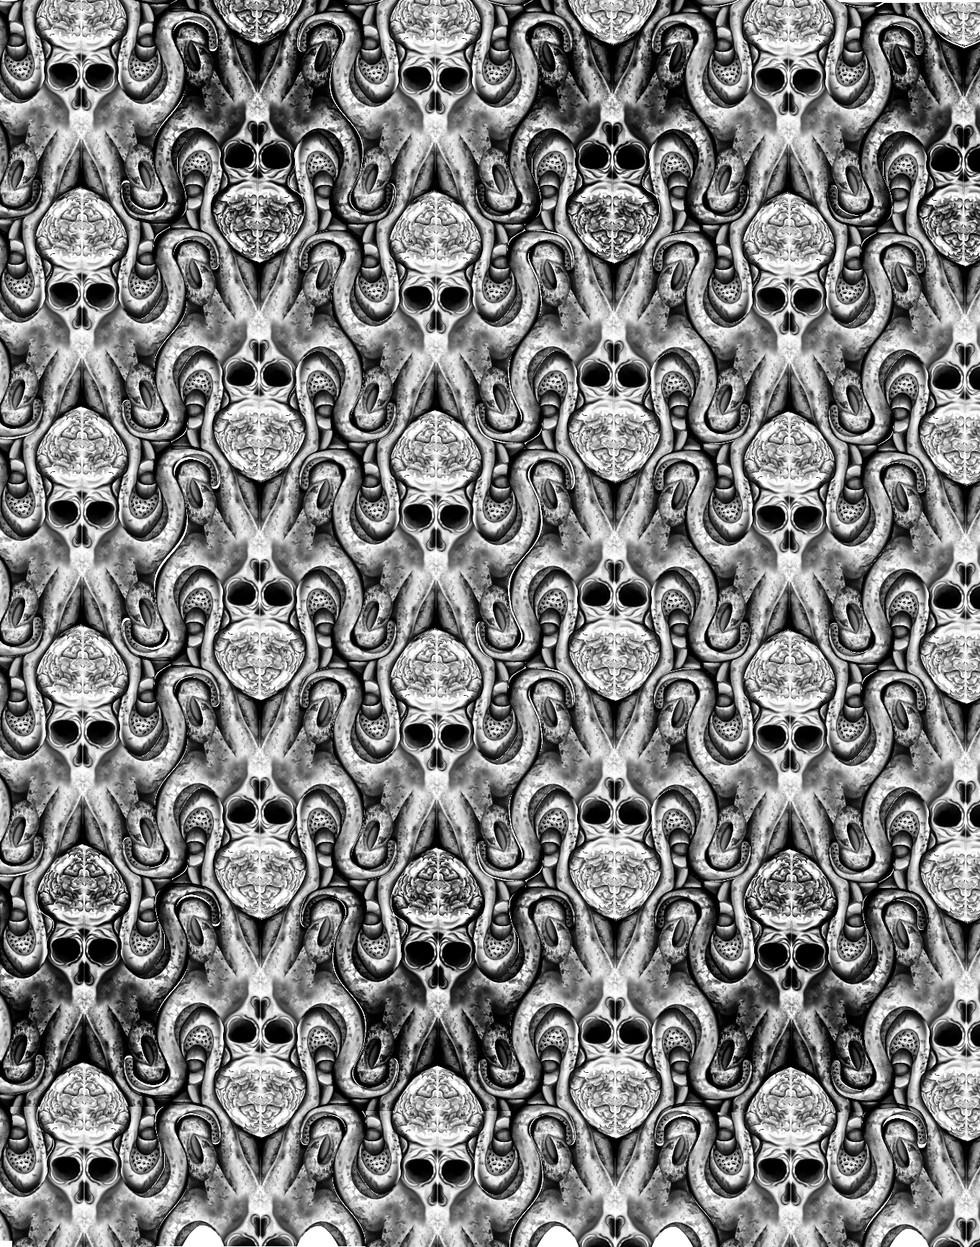 Octo-Skull Tesselation